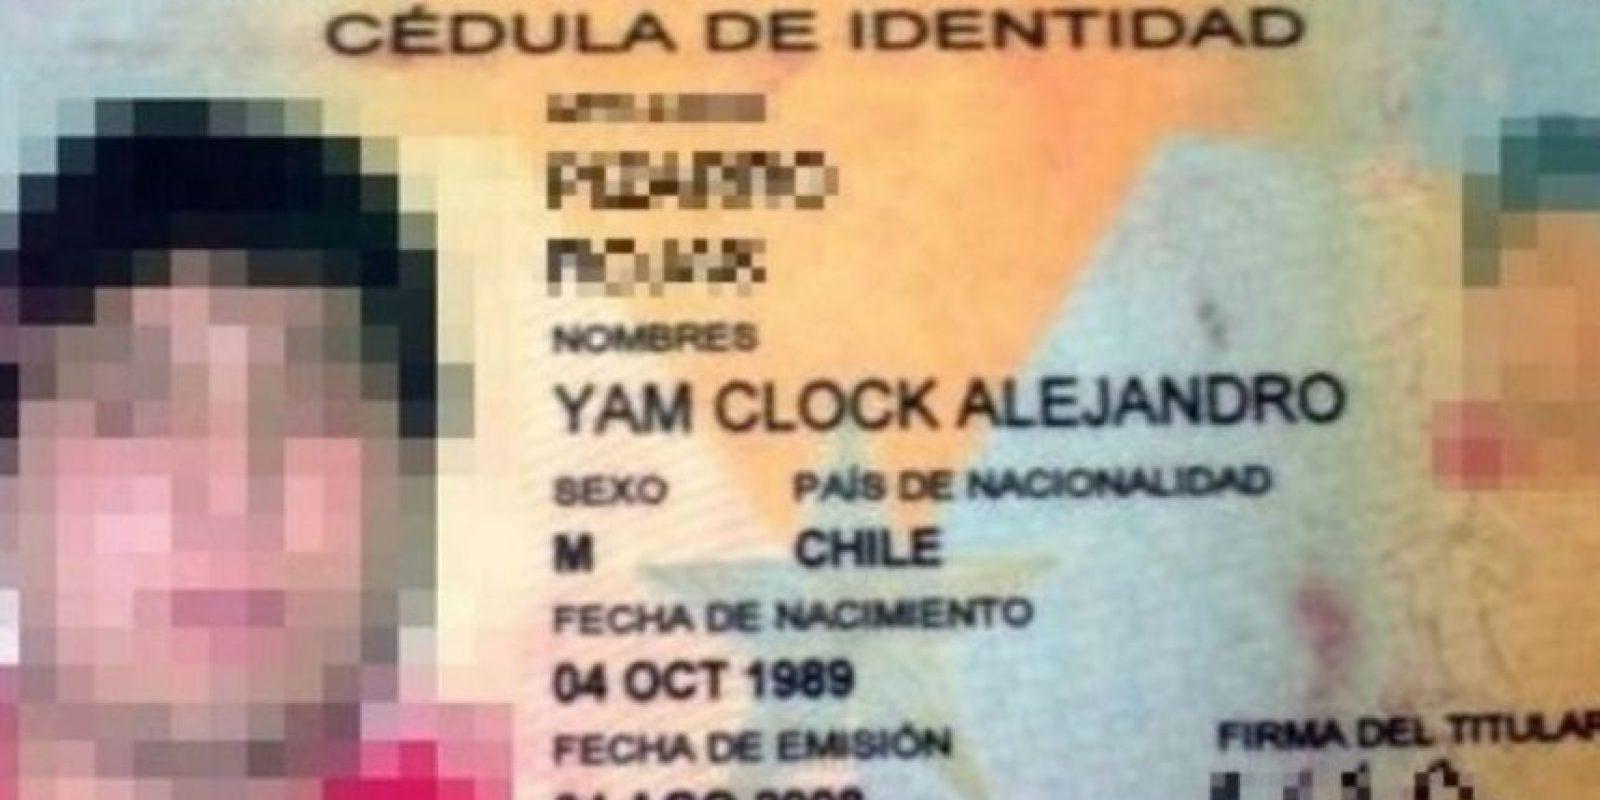 Yam Clock Alejandro